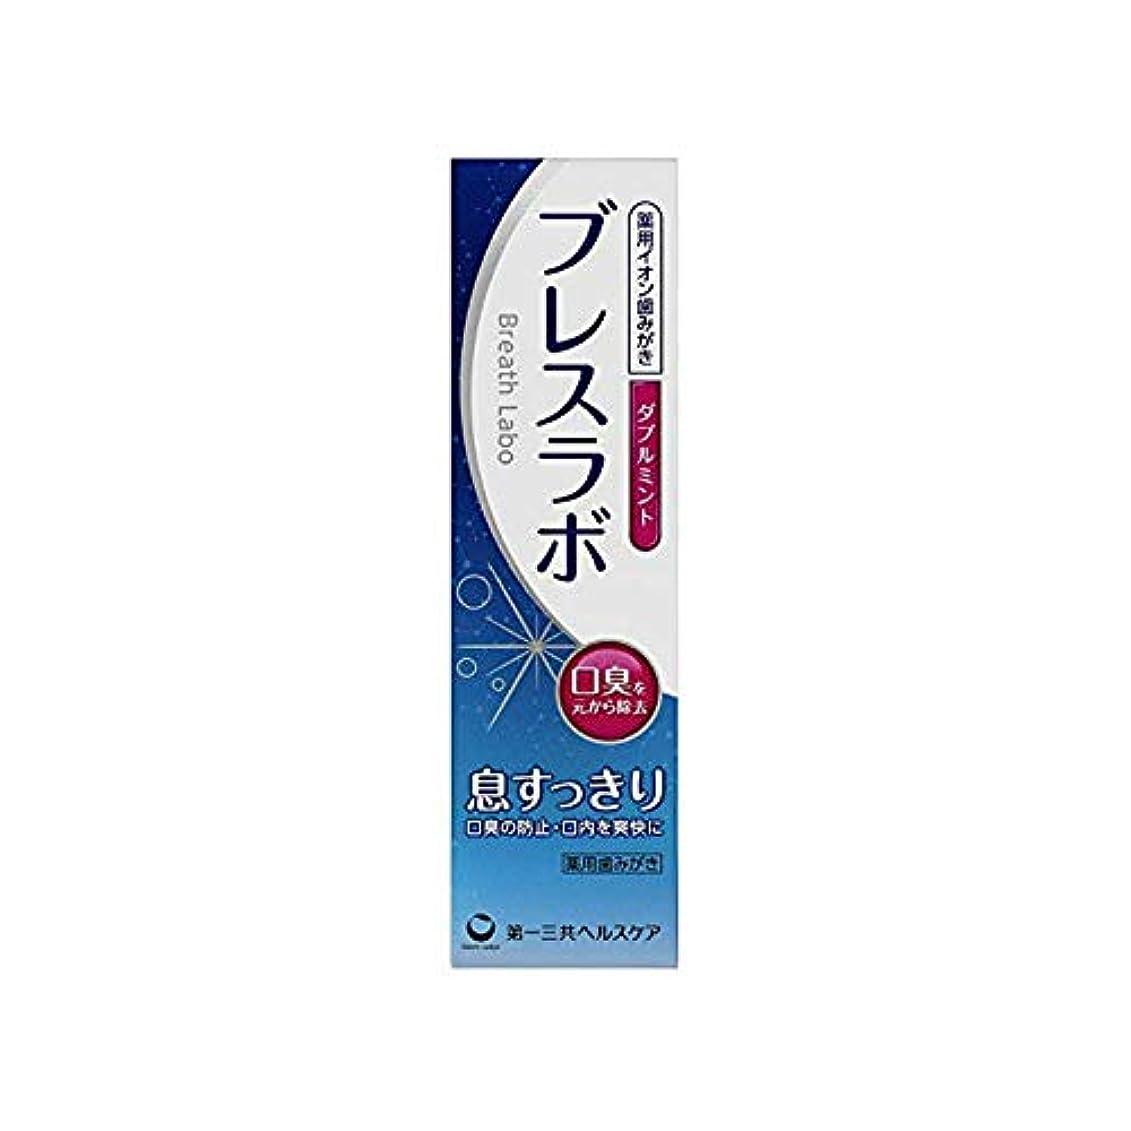 プレビュー娘レビュアー【3個セット】ブレスラボ ダブルミント 90g